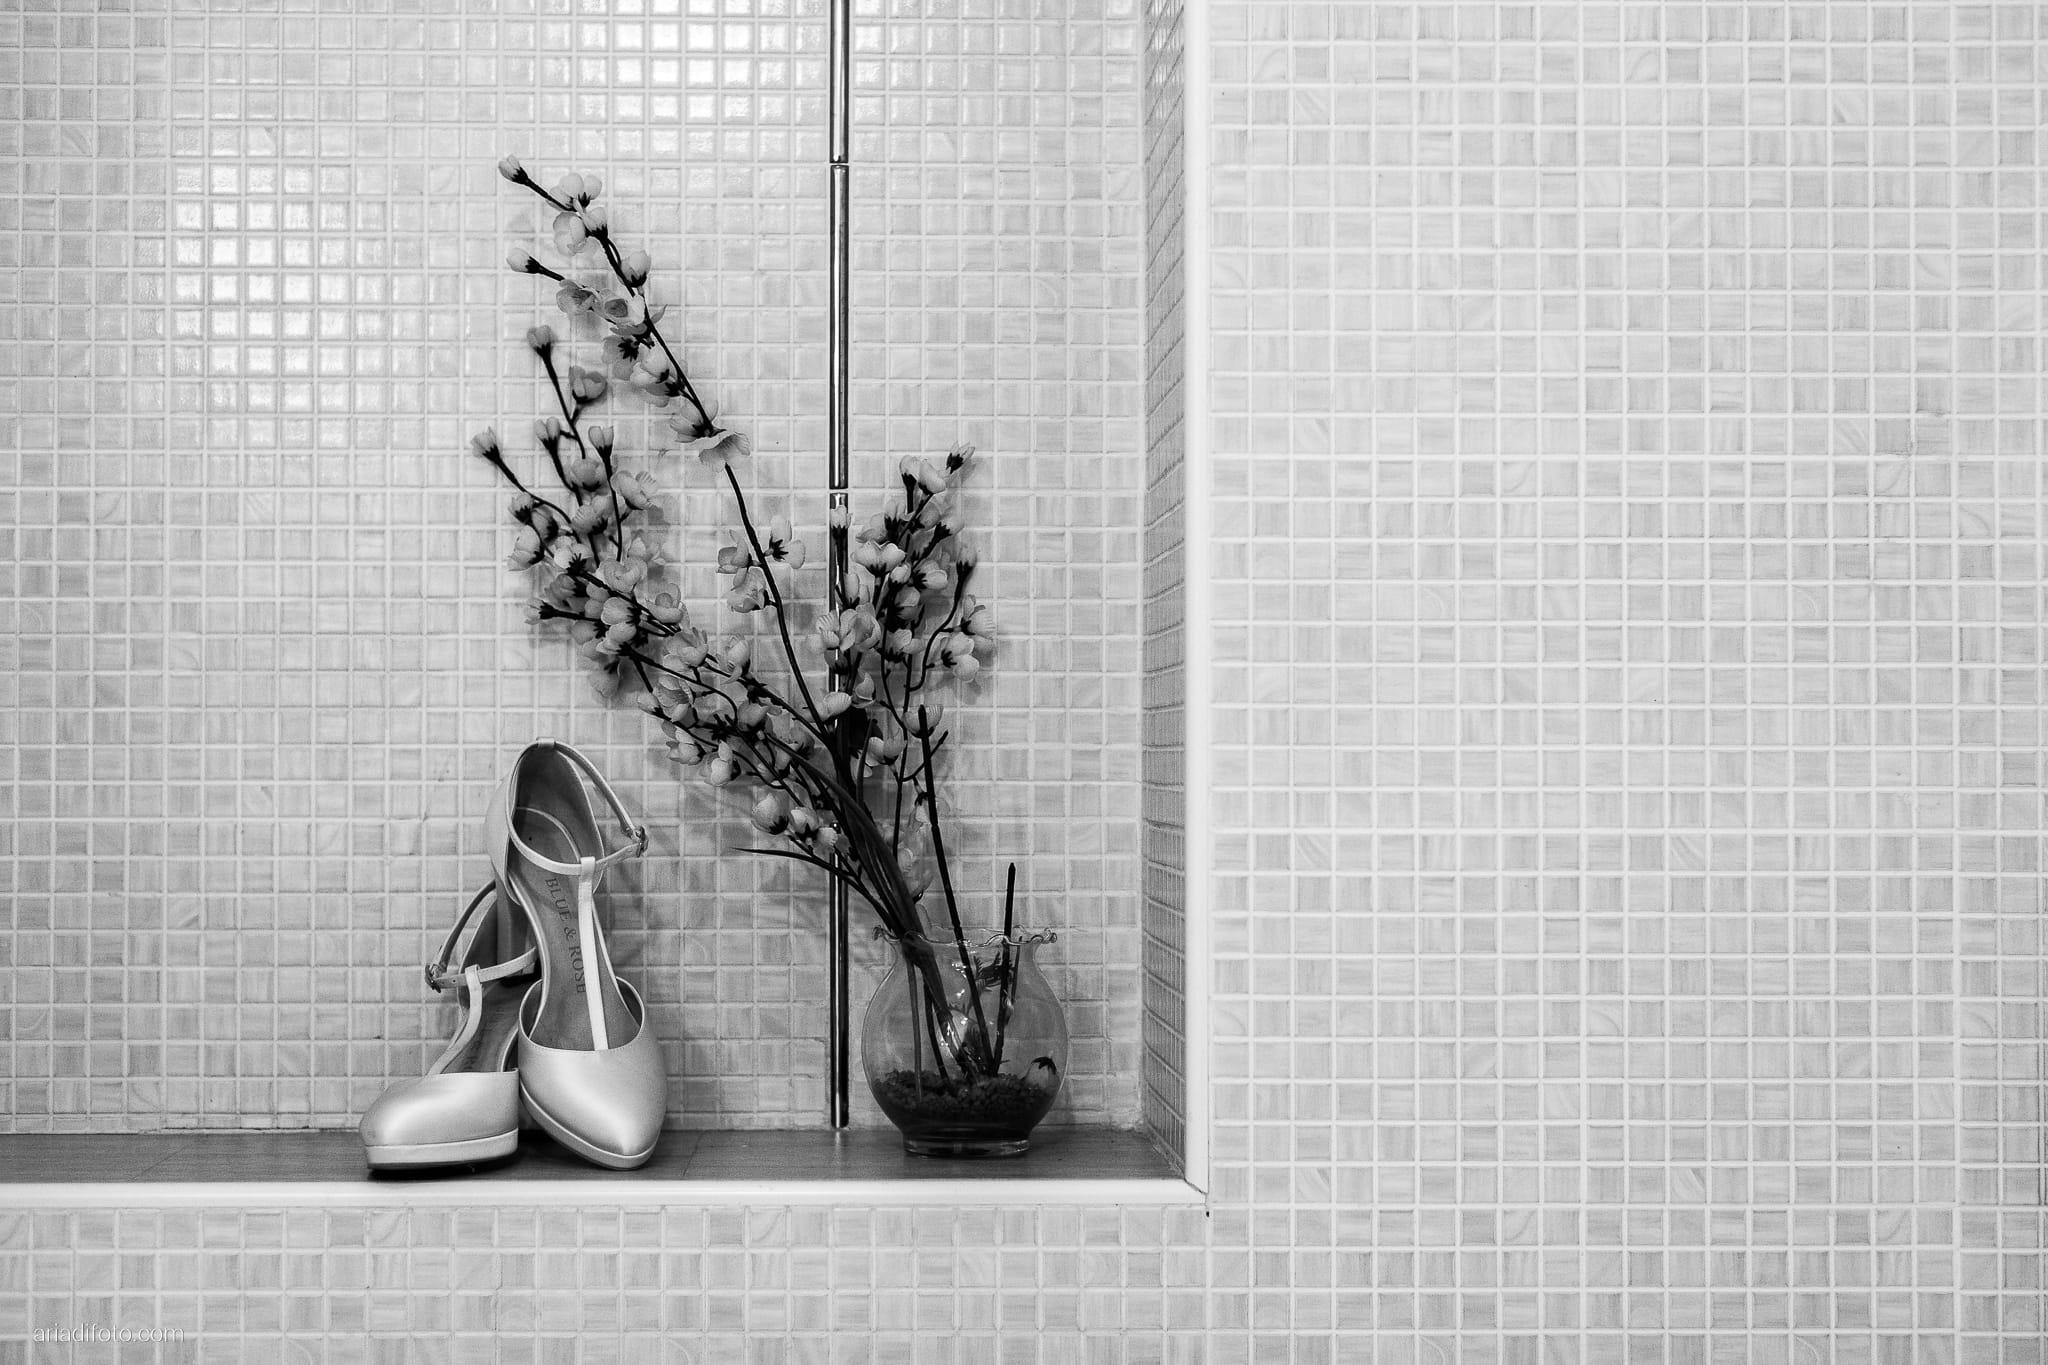 Rosylenia Luca Matrimonio Duino Ristorante Napoleone Castions Udine preparativi sposa dettagli scarpe